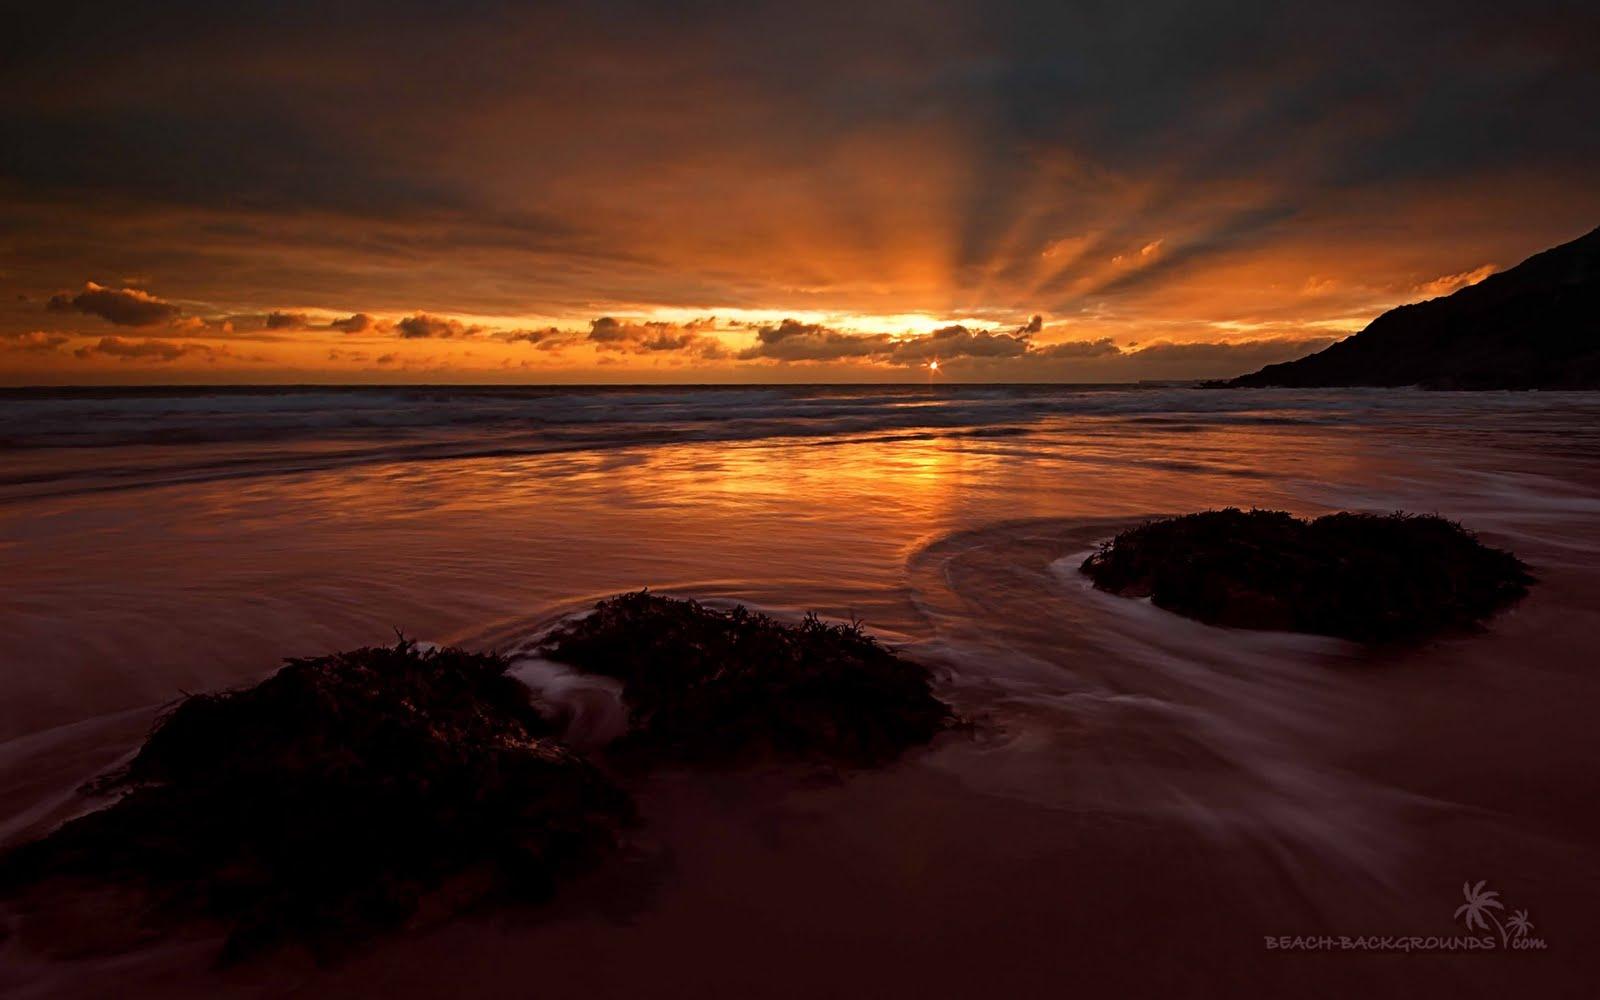 Ocean sunset wallpaper HD Desktop Backgrounds 1600x1000